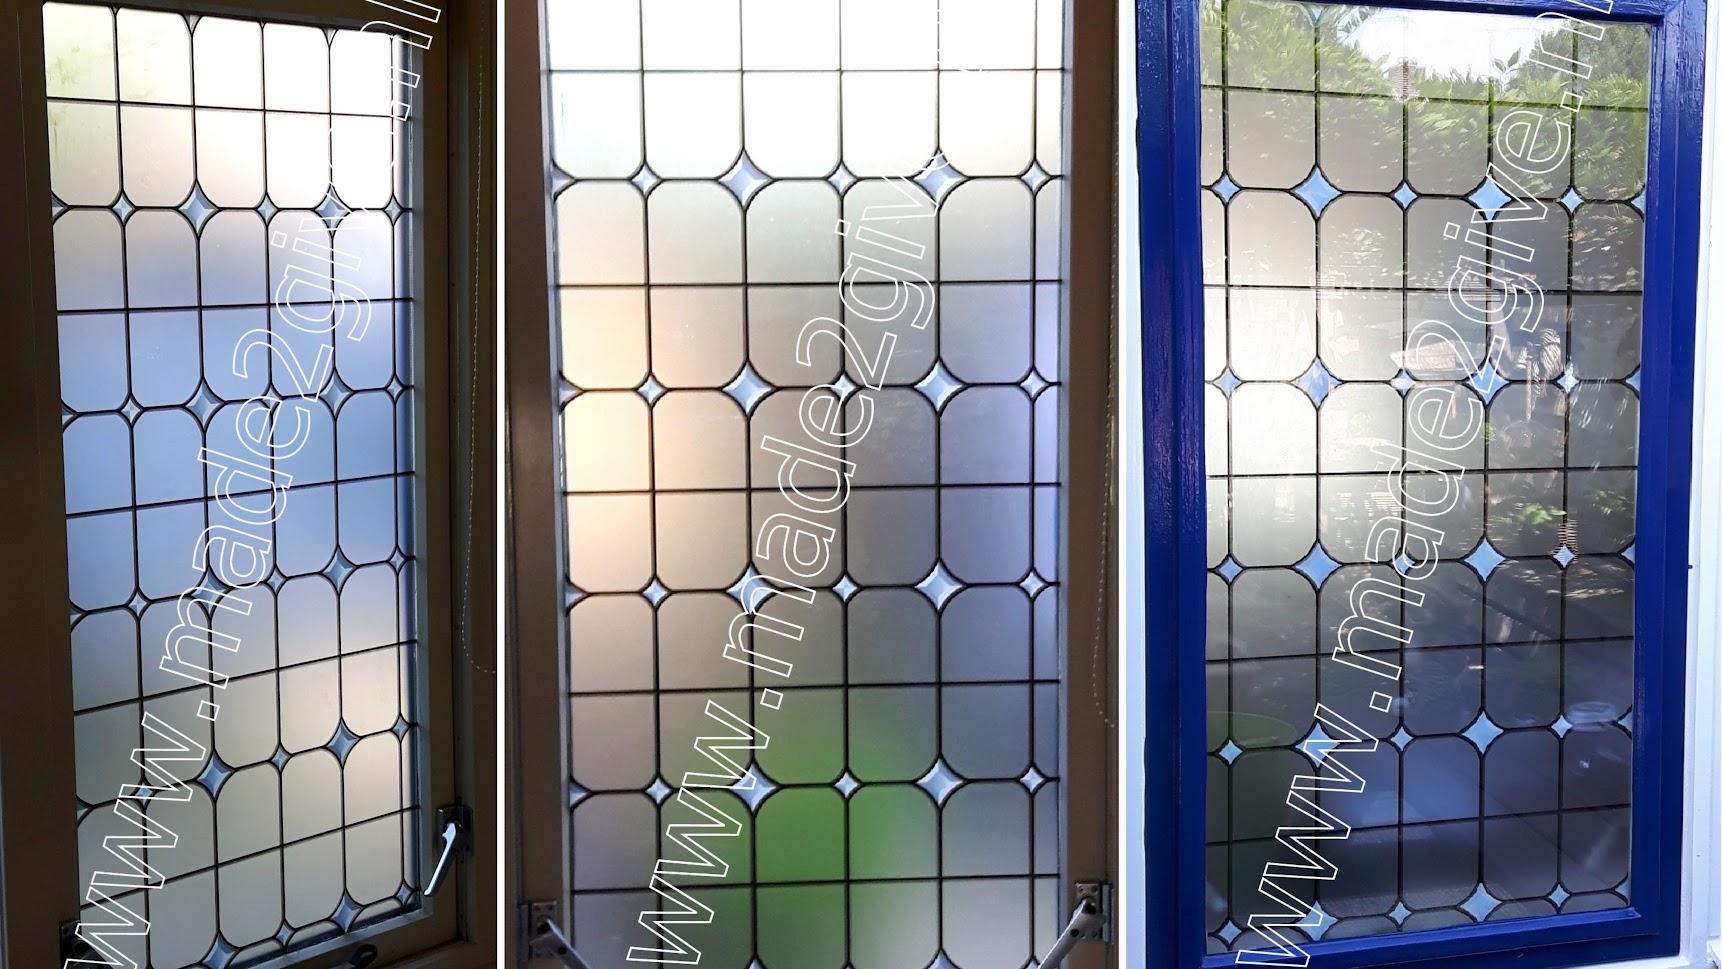 raamfolie / plakfolie glas in lood ruitje klassiek